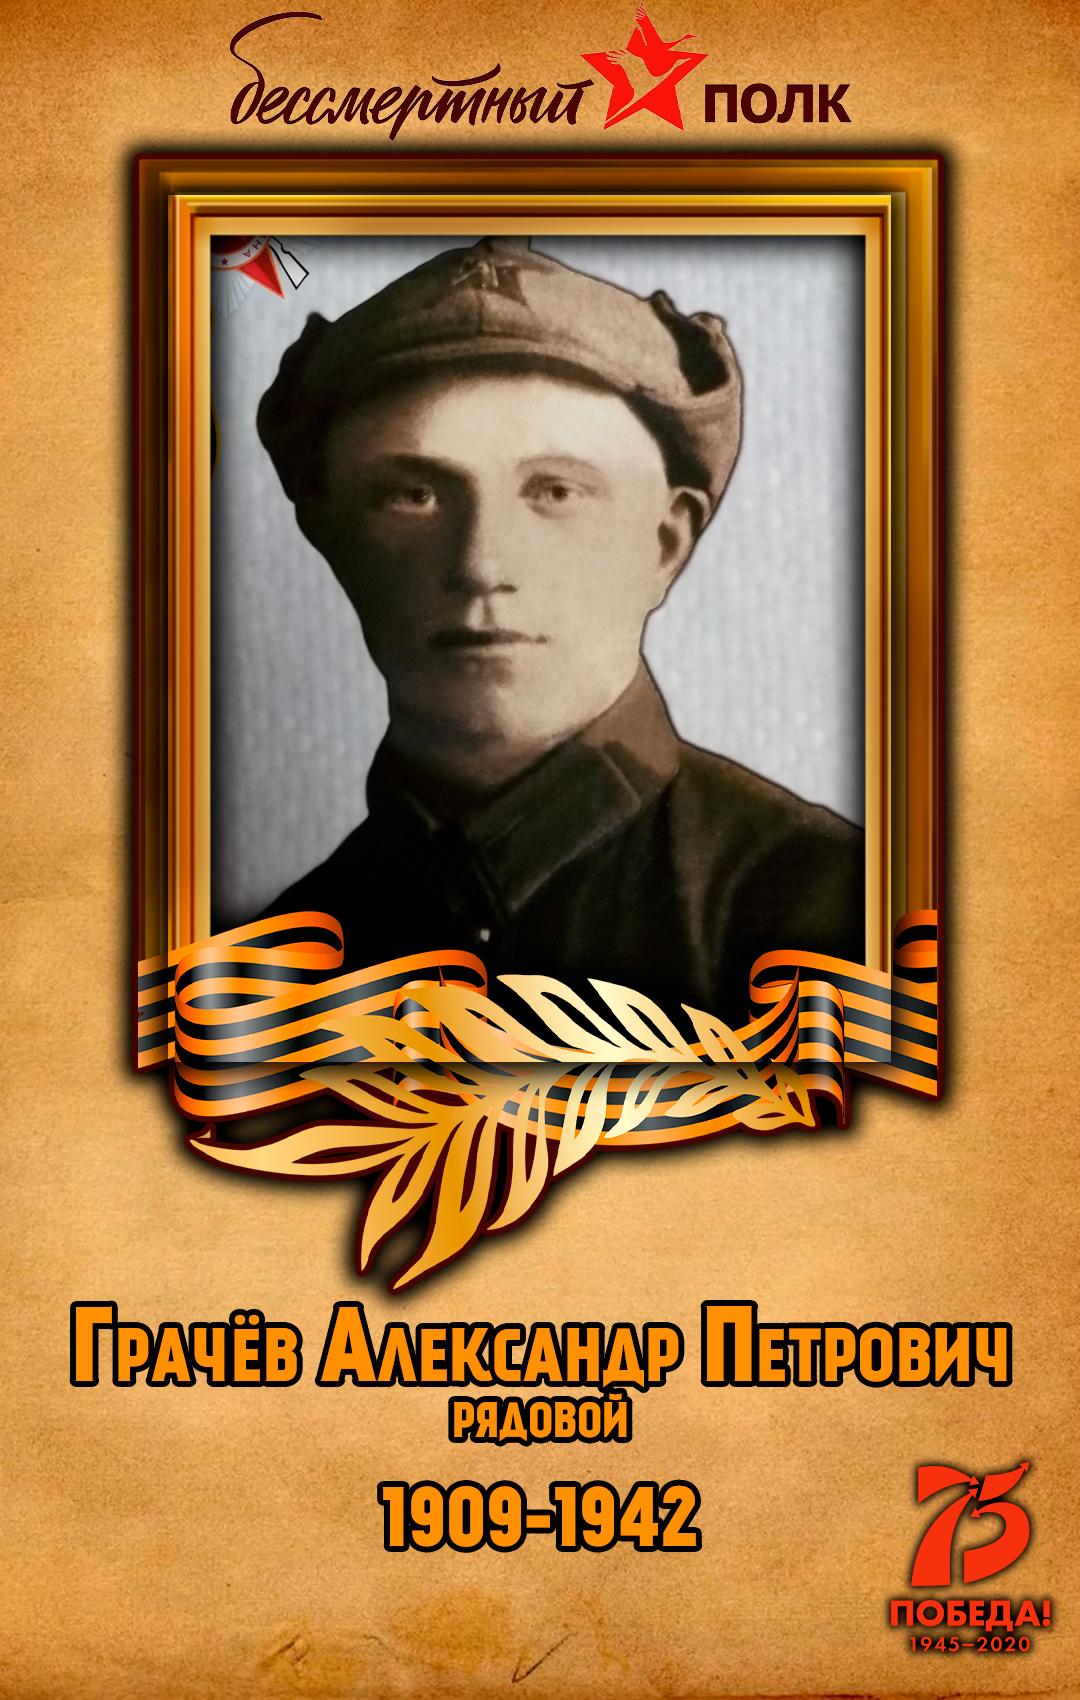 Грачёв-Александр-Петрович